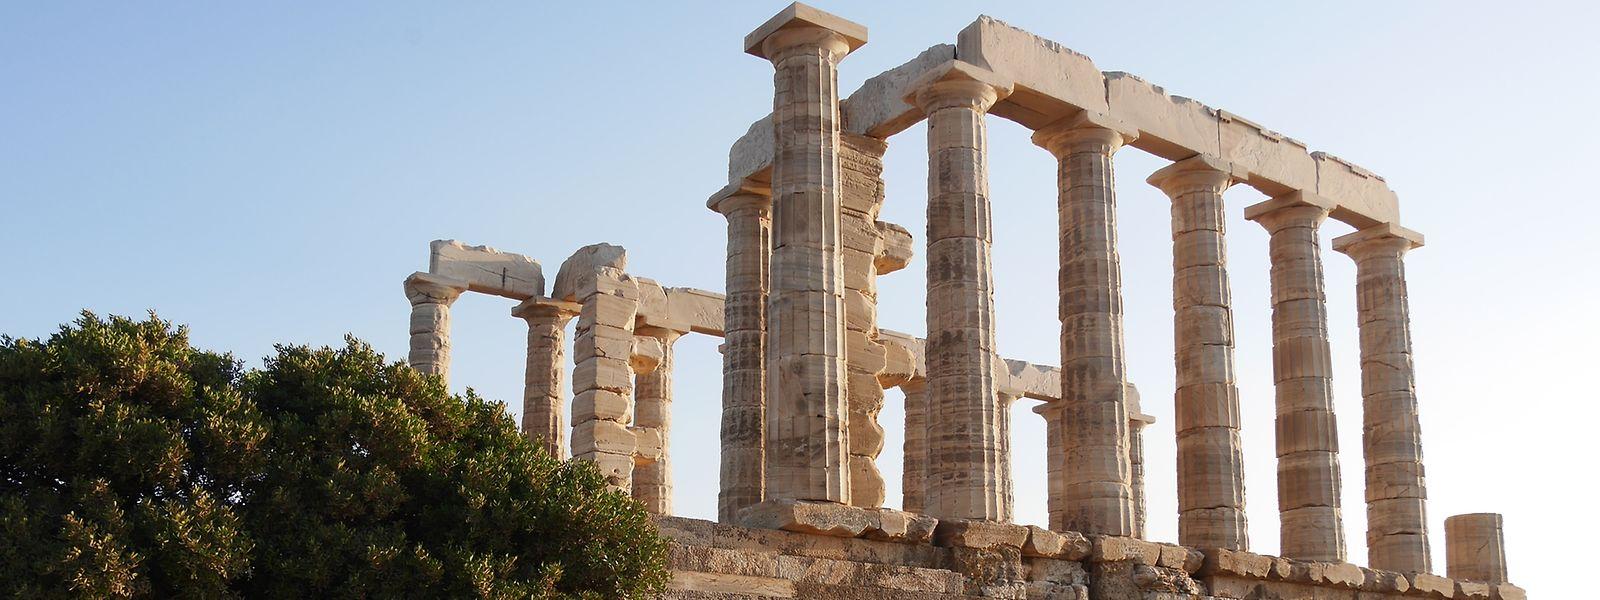 Antike Tempelanlagen sind eines von vielen Markenzeichen Griechenlands: so wie hier am Kap Sounion.